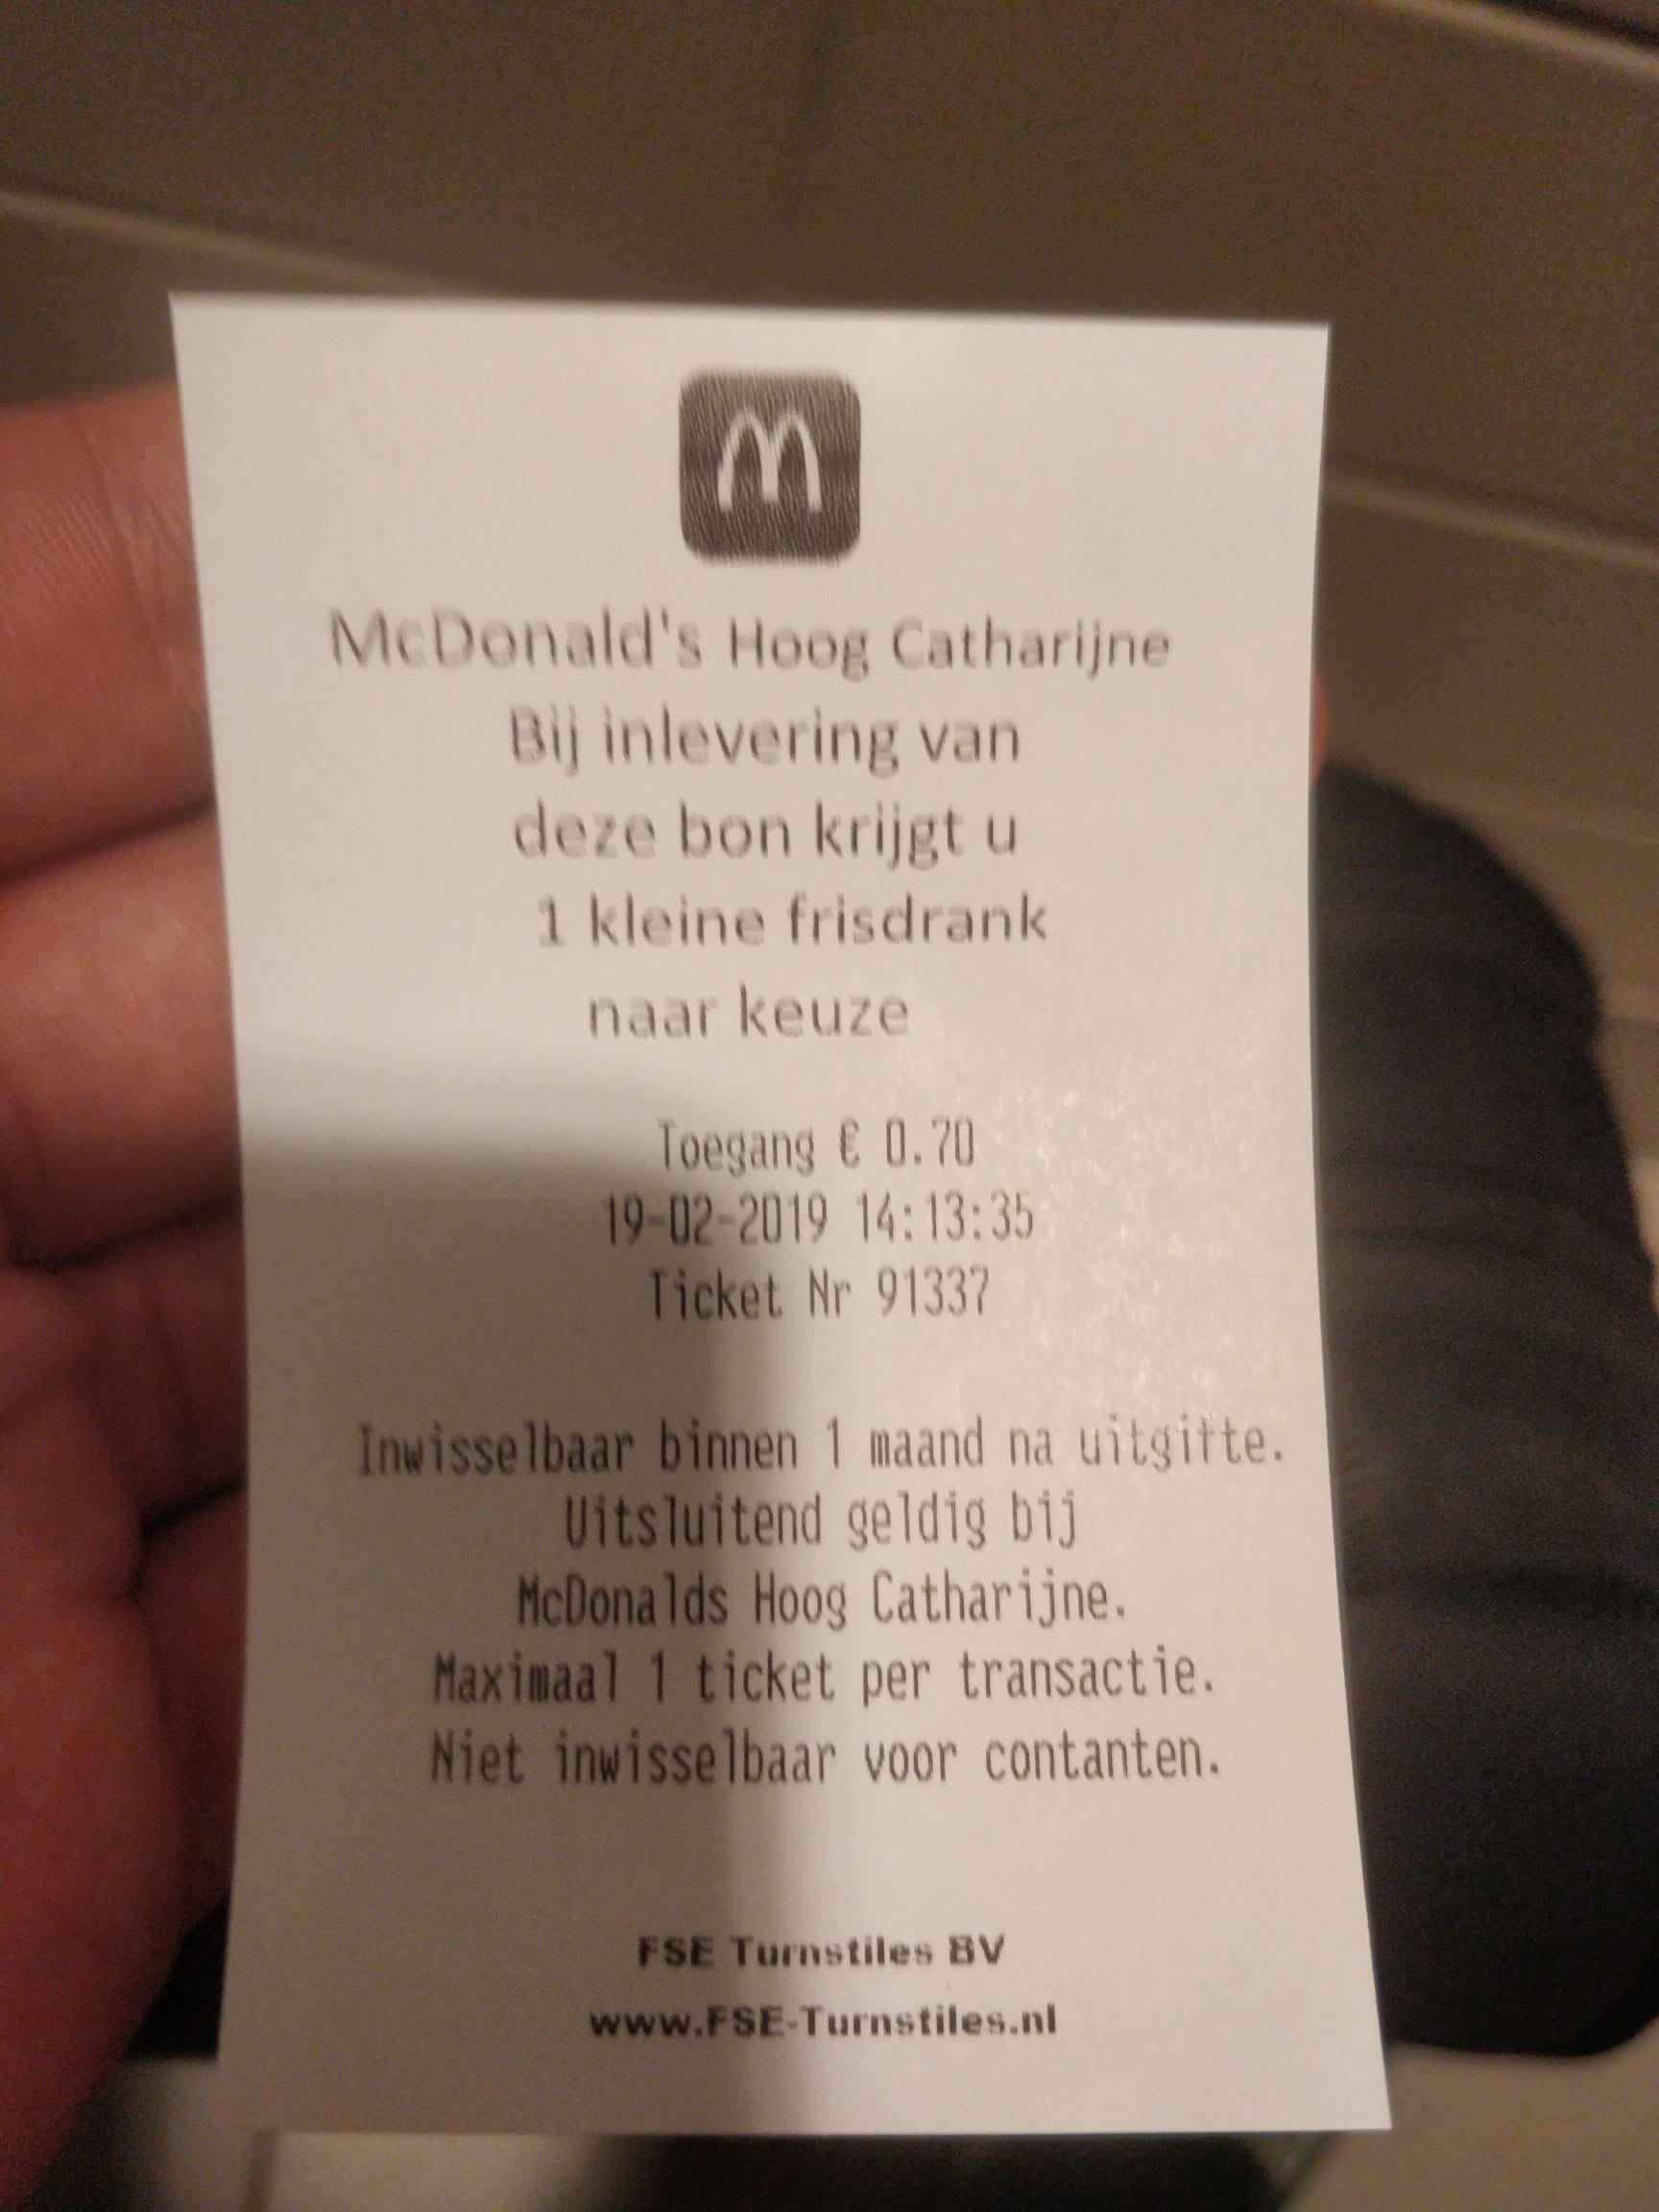 Gratis kleine frisdrank bij toiletbezoek @mc Donald's Utrecht hoog Catharijne